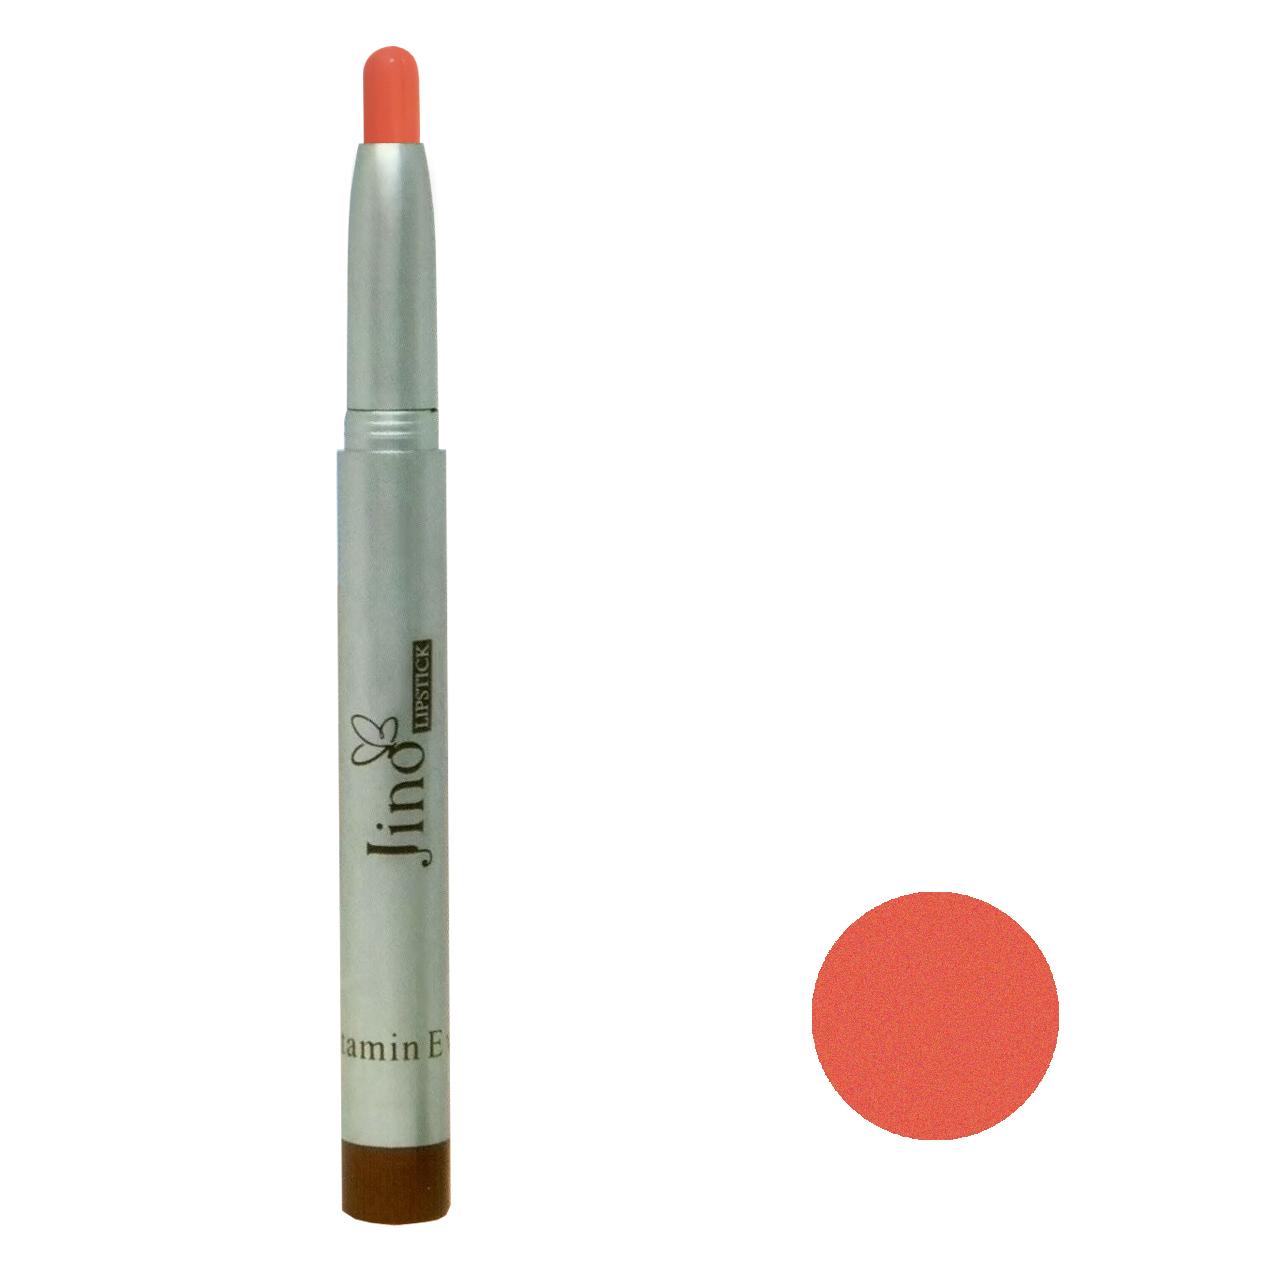 رژ لب مدادی ژینو شماره 112